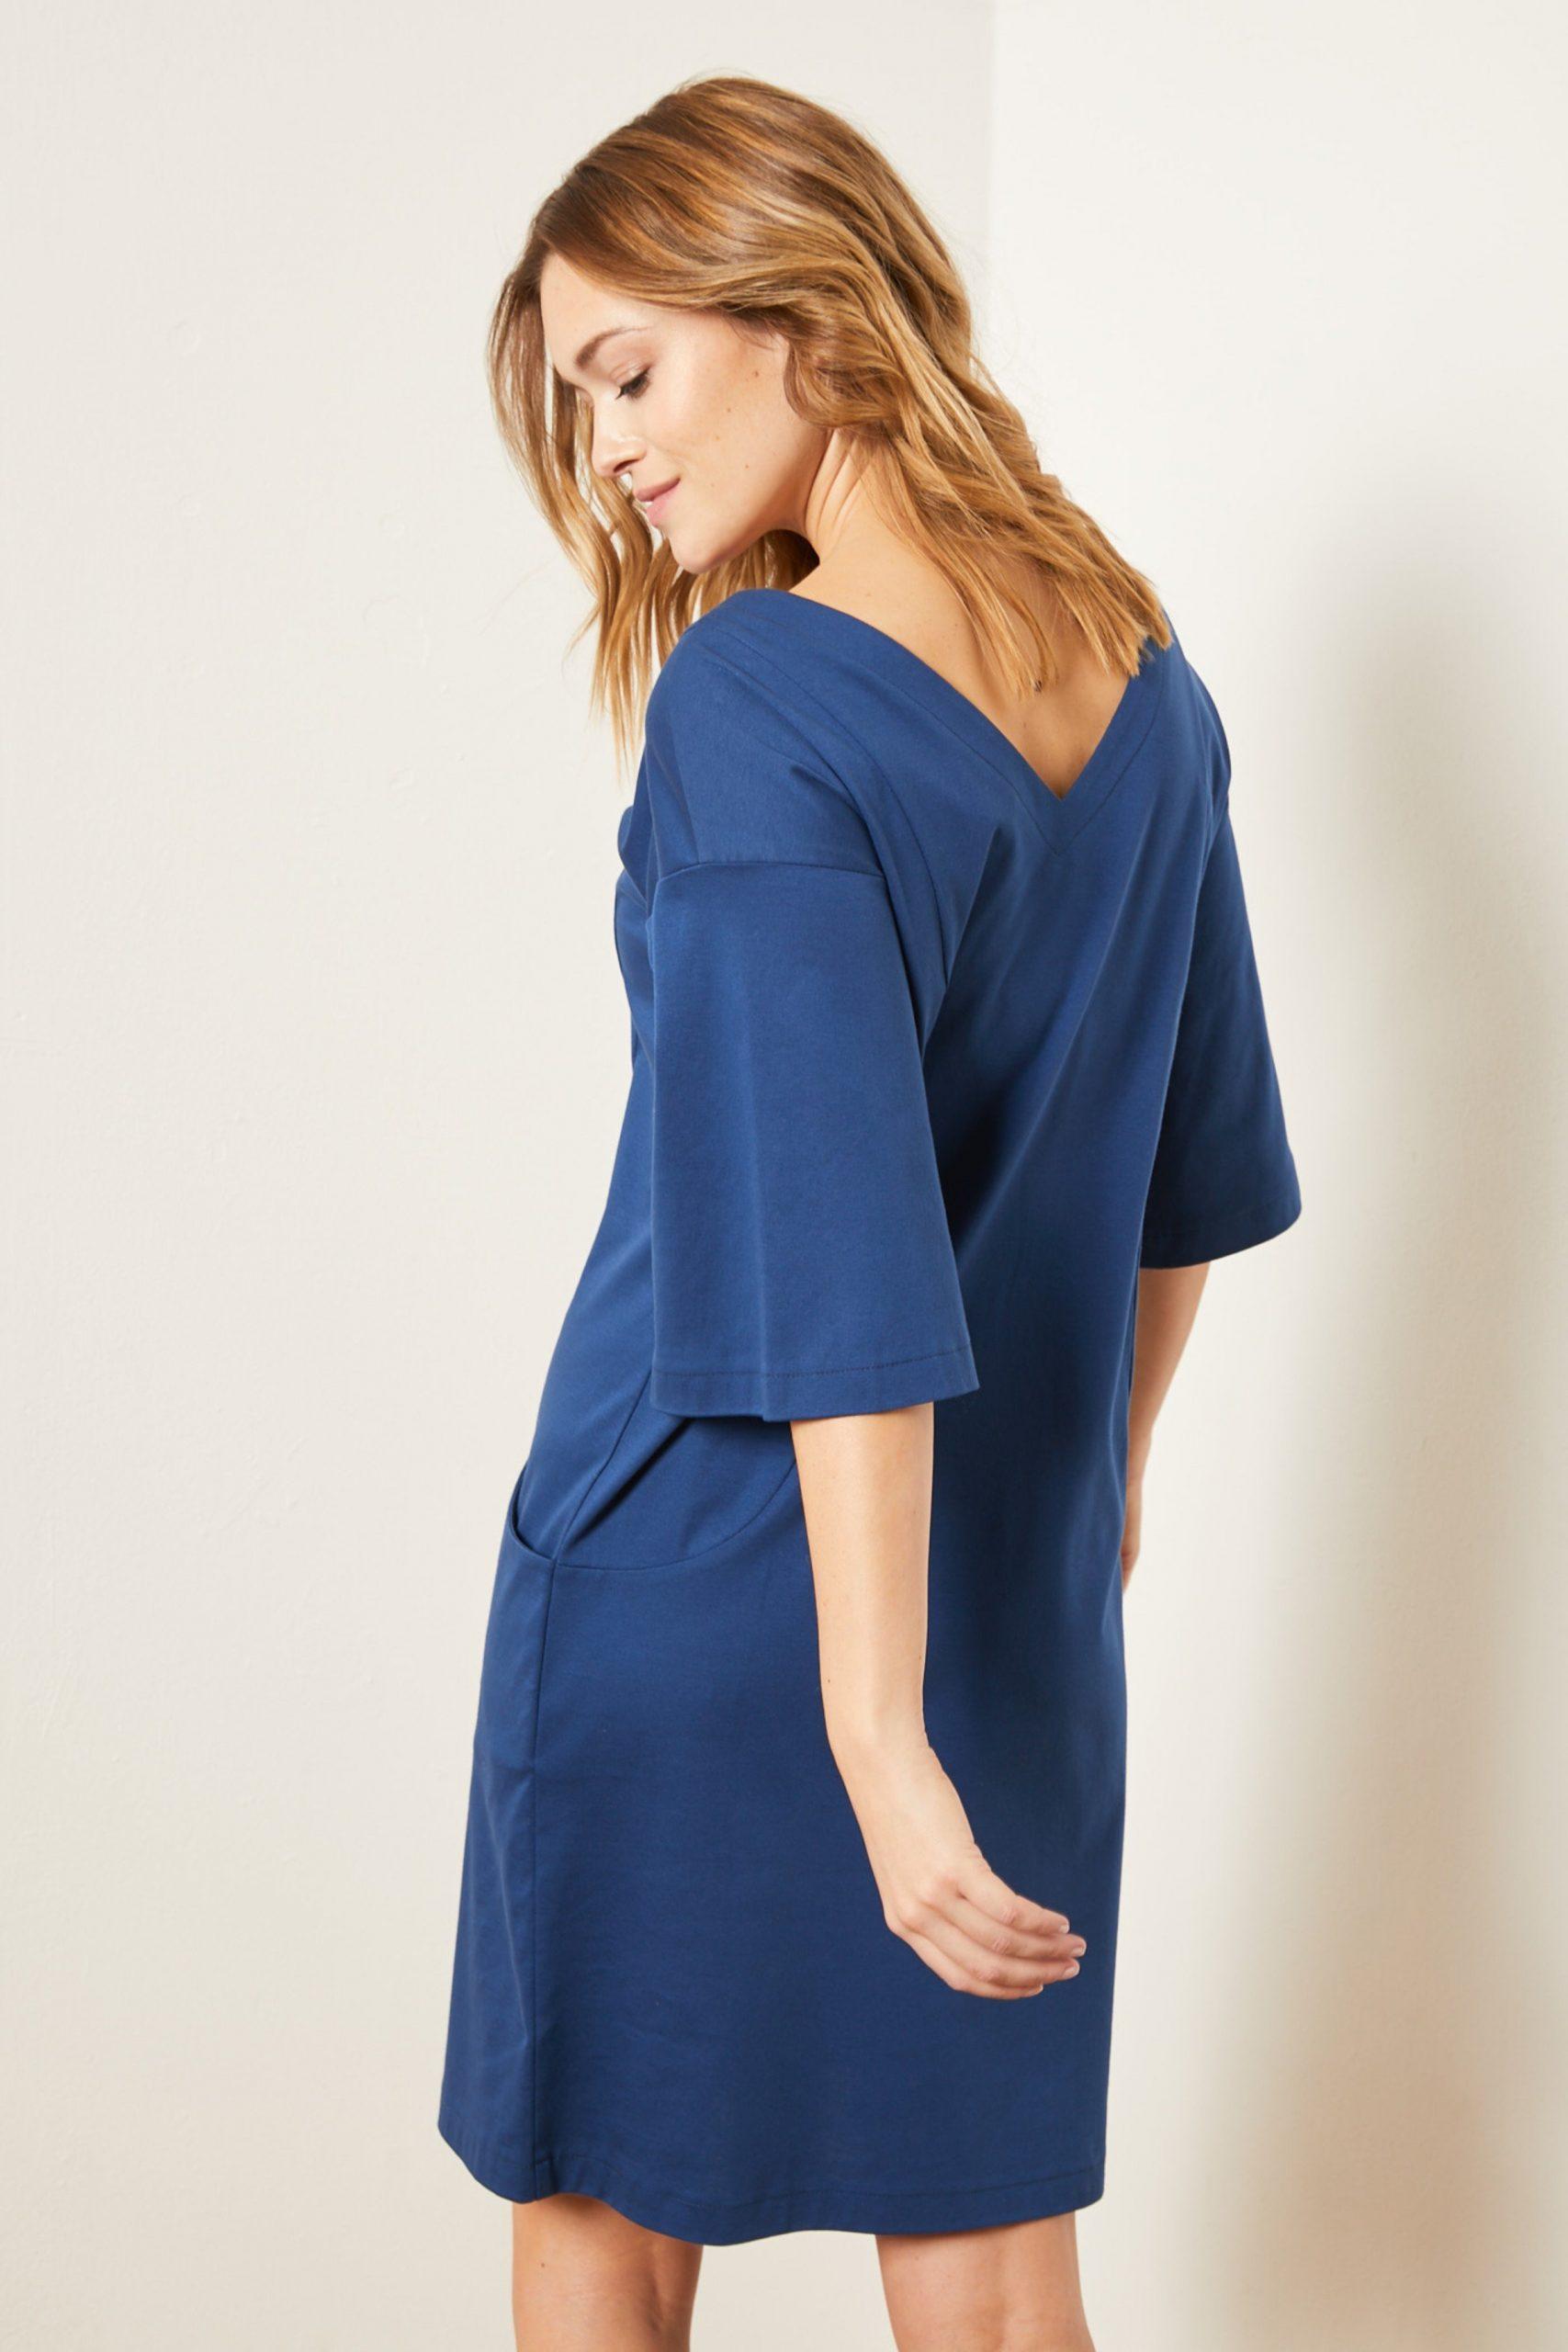 Lanius Kleid Mit Rückenausschnitt Blau  Loveco